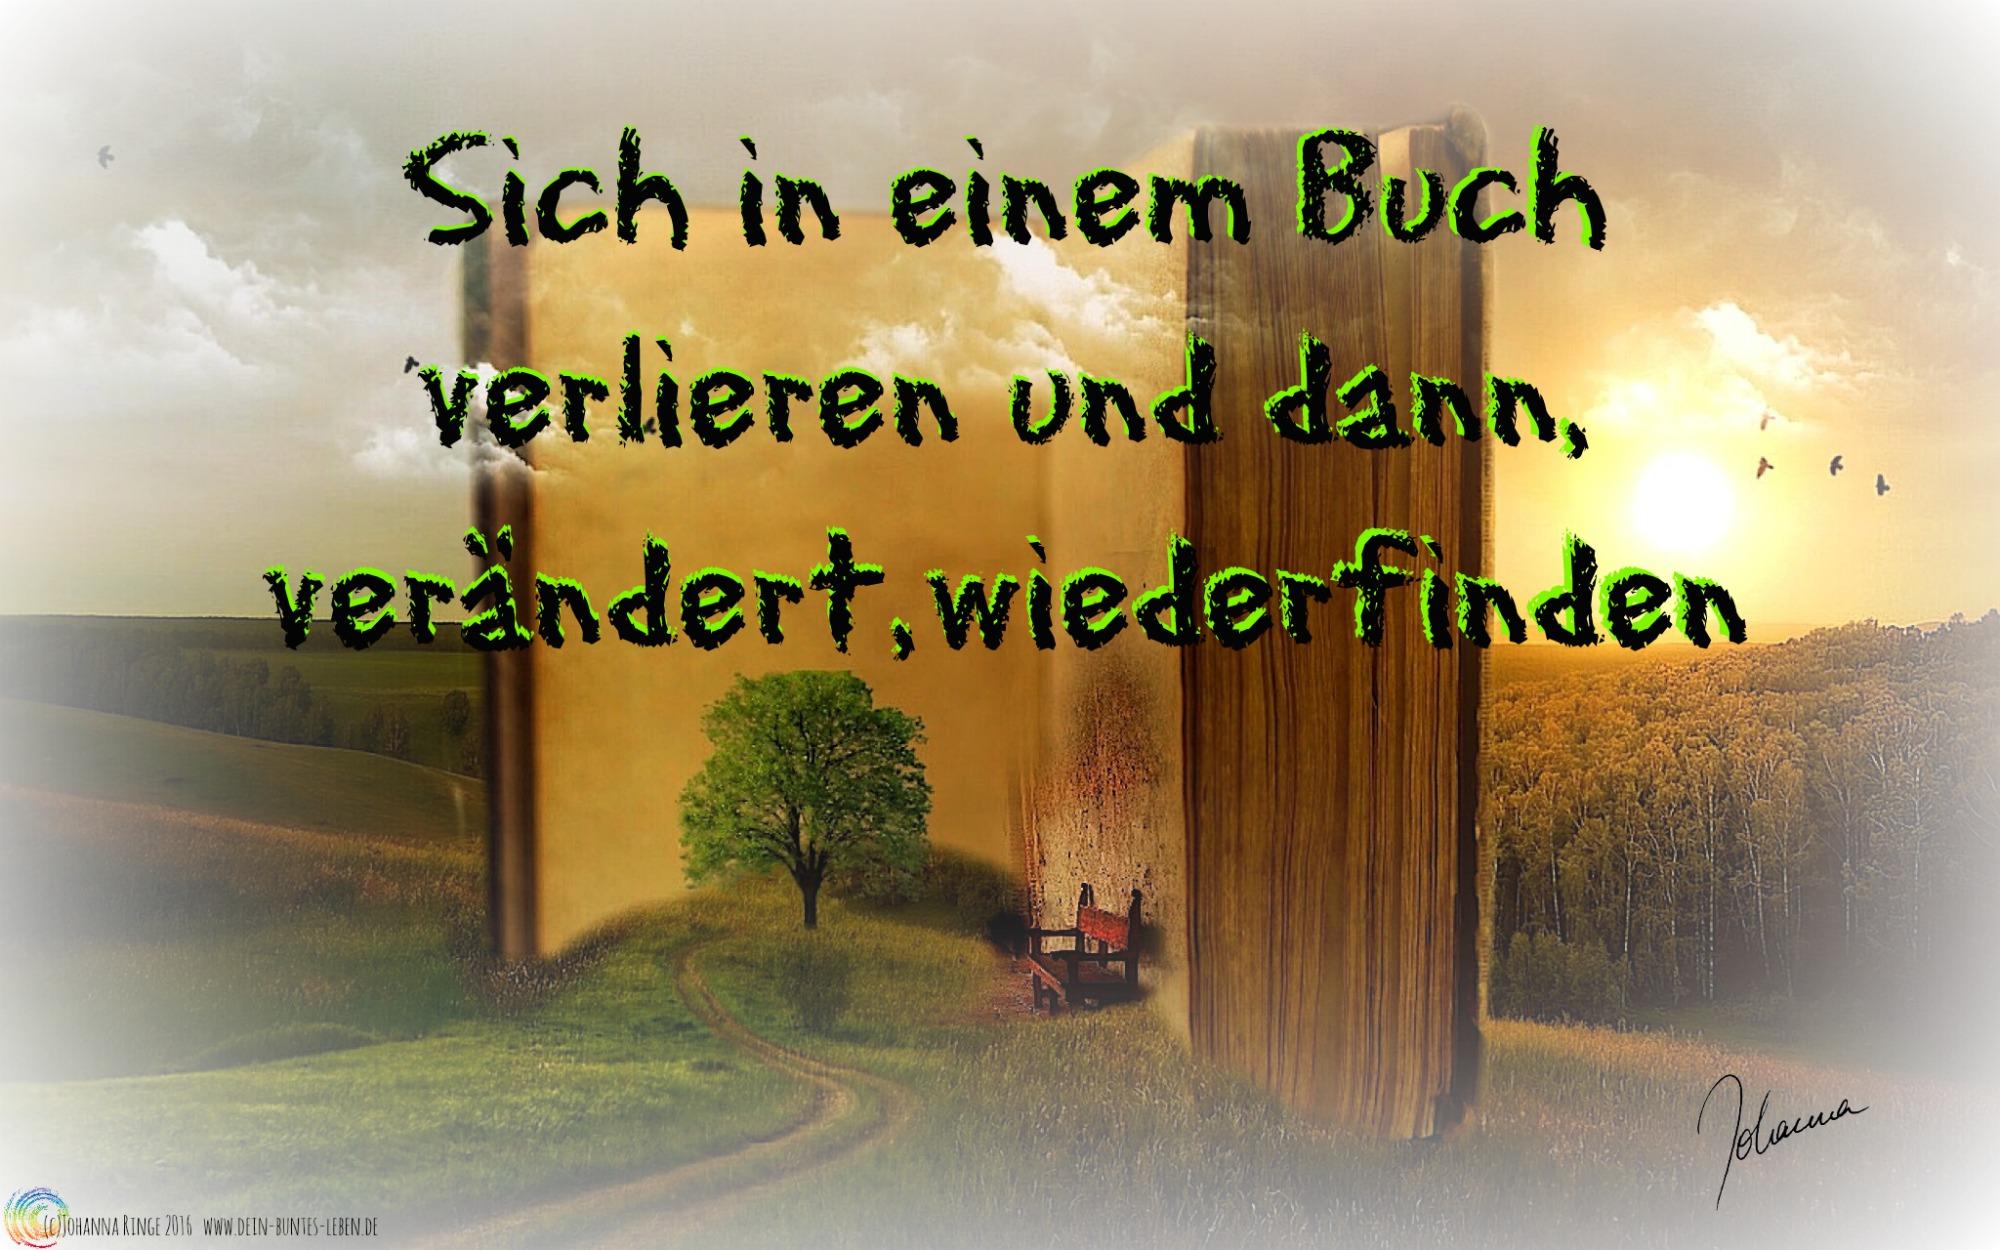 Sich in einem Buch verlieren und verändert wiederfinden (c)Johanna Ringe 2016 www.dein-buntes-leben.de